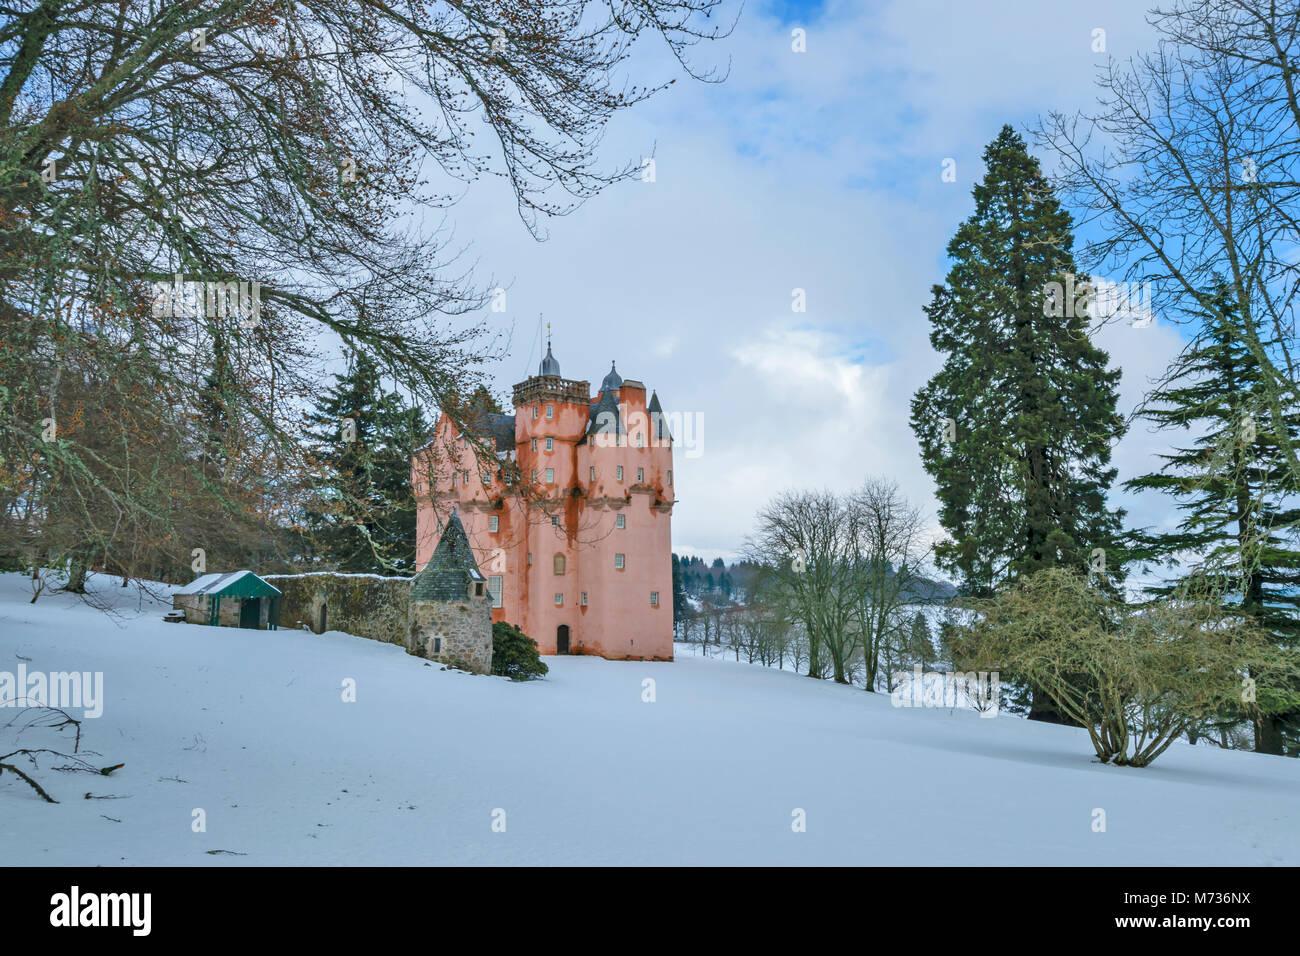 Castello di Craigievar ABERDEENSHIRE Scozia circondato da neve invernale con legno di faggio e di Evergreen pini Immagini Stock